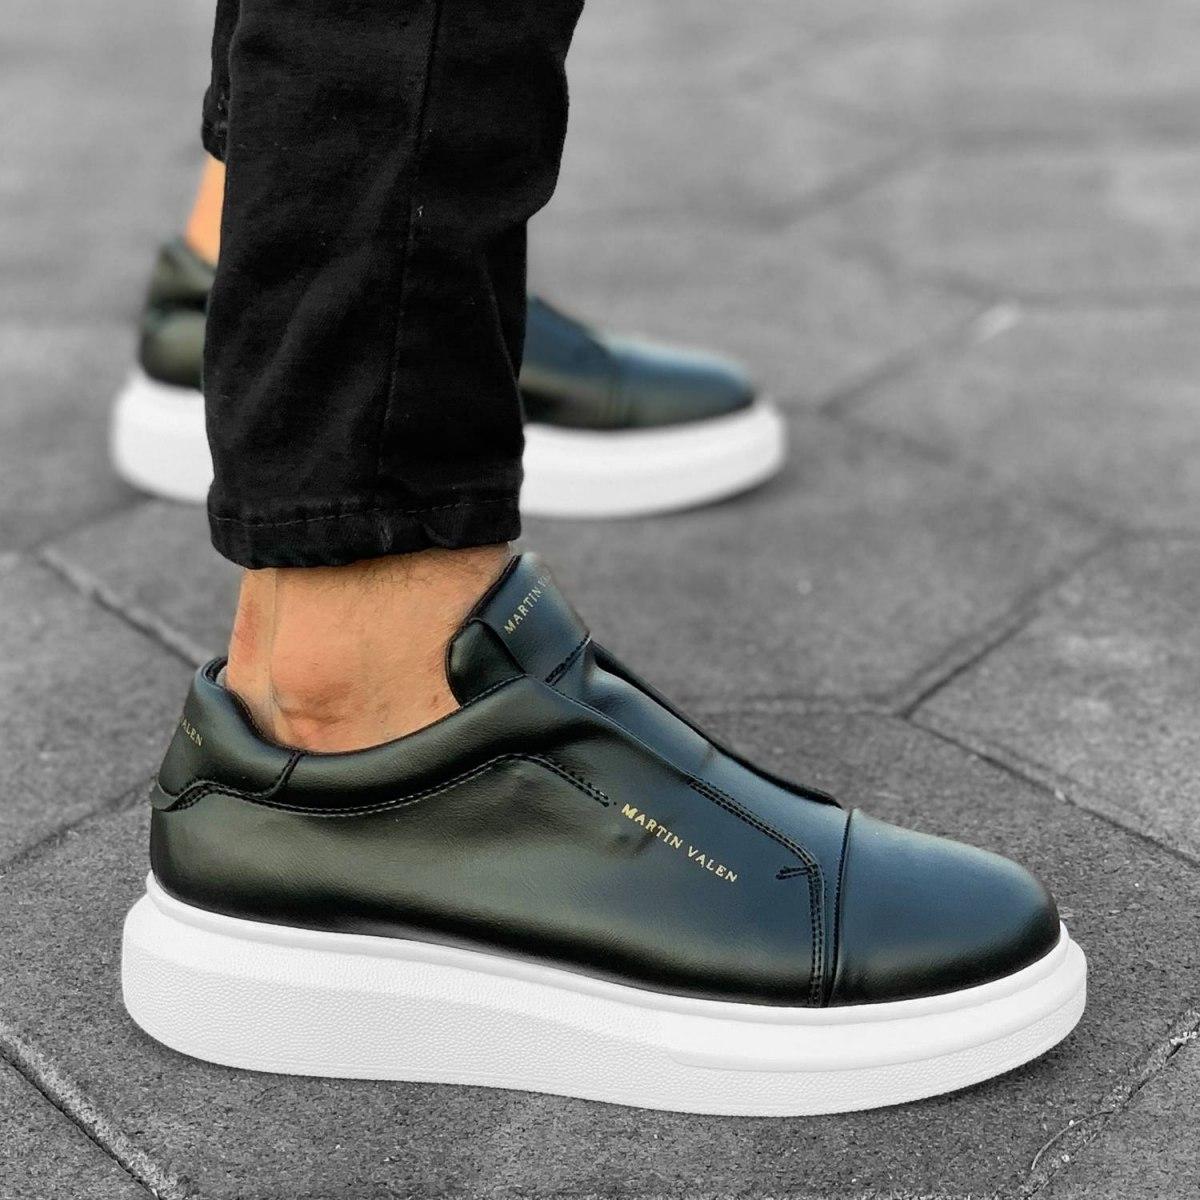 Slip-on Sneakers in Black-White Mv Premium Brand - 6